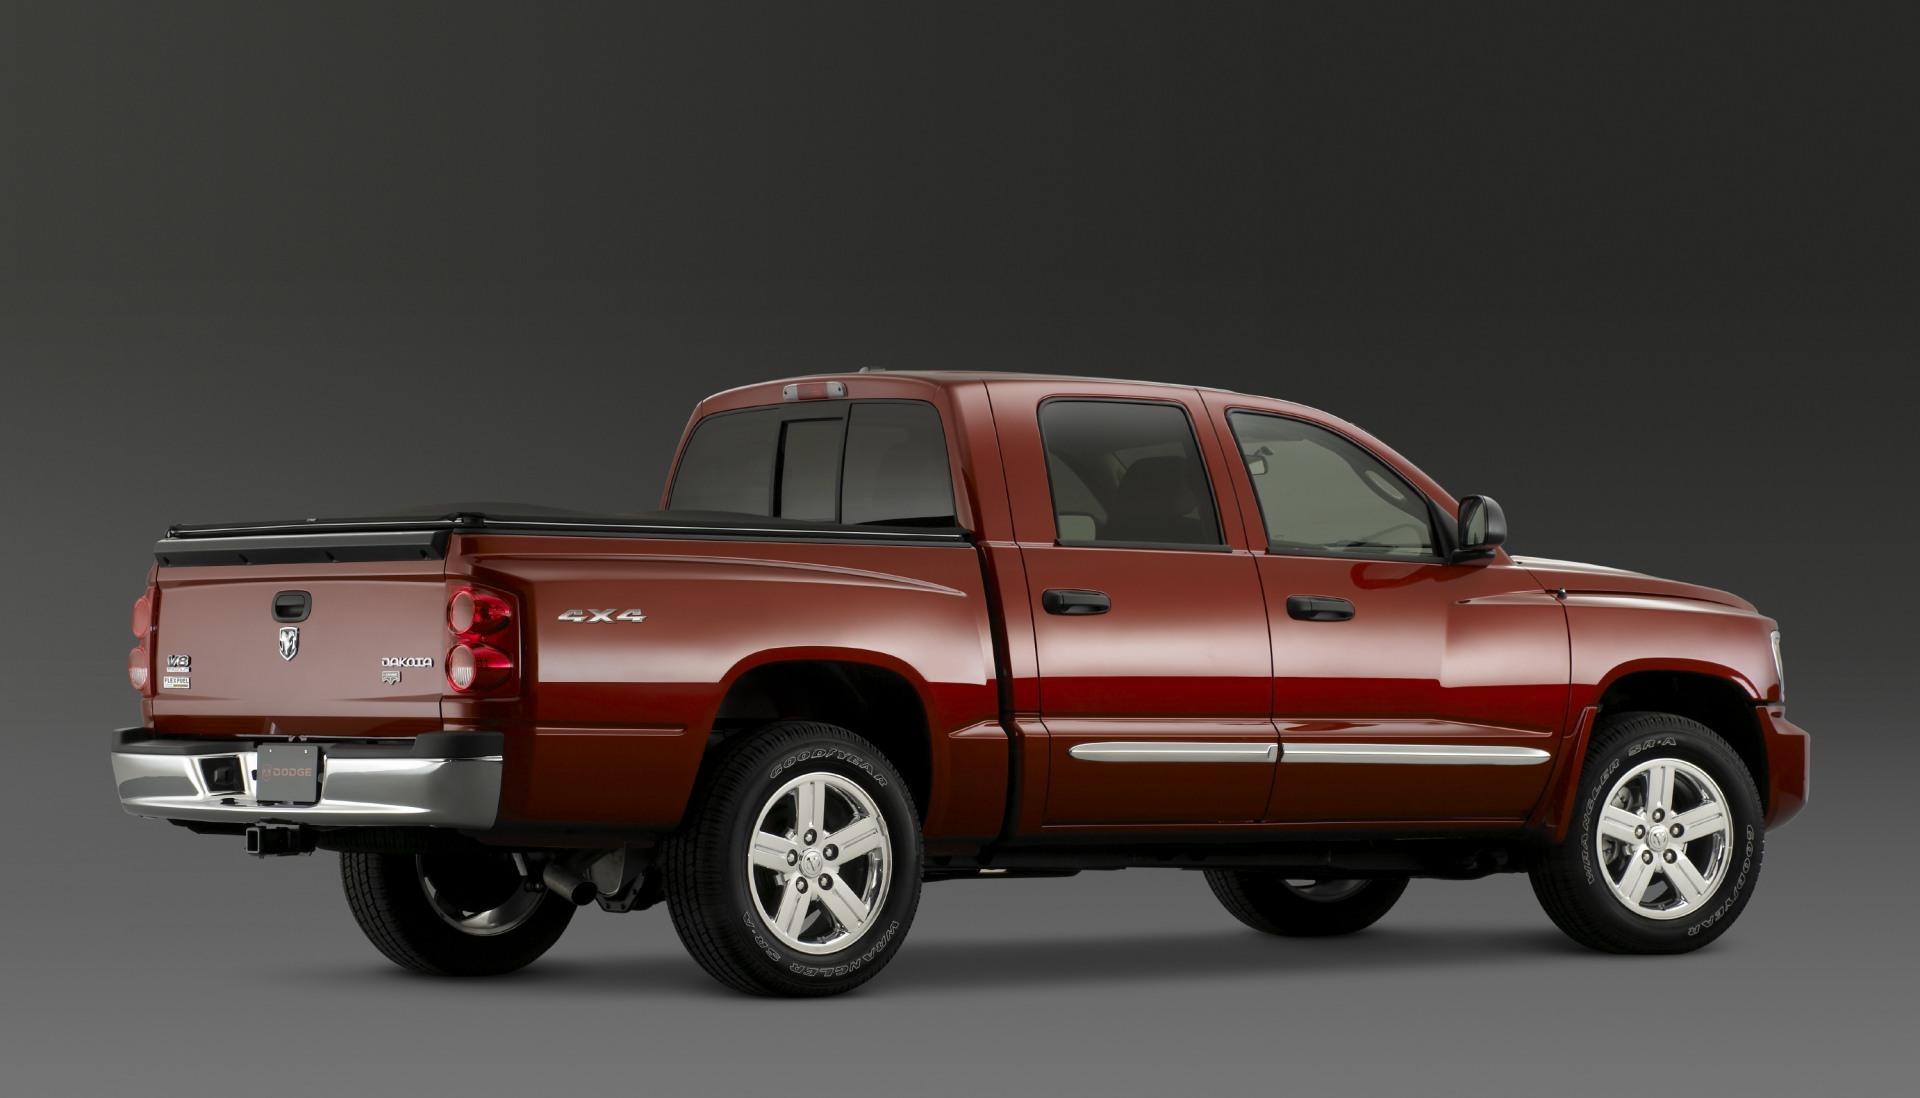 2010 Dodge Dakota - conceptcarz.com